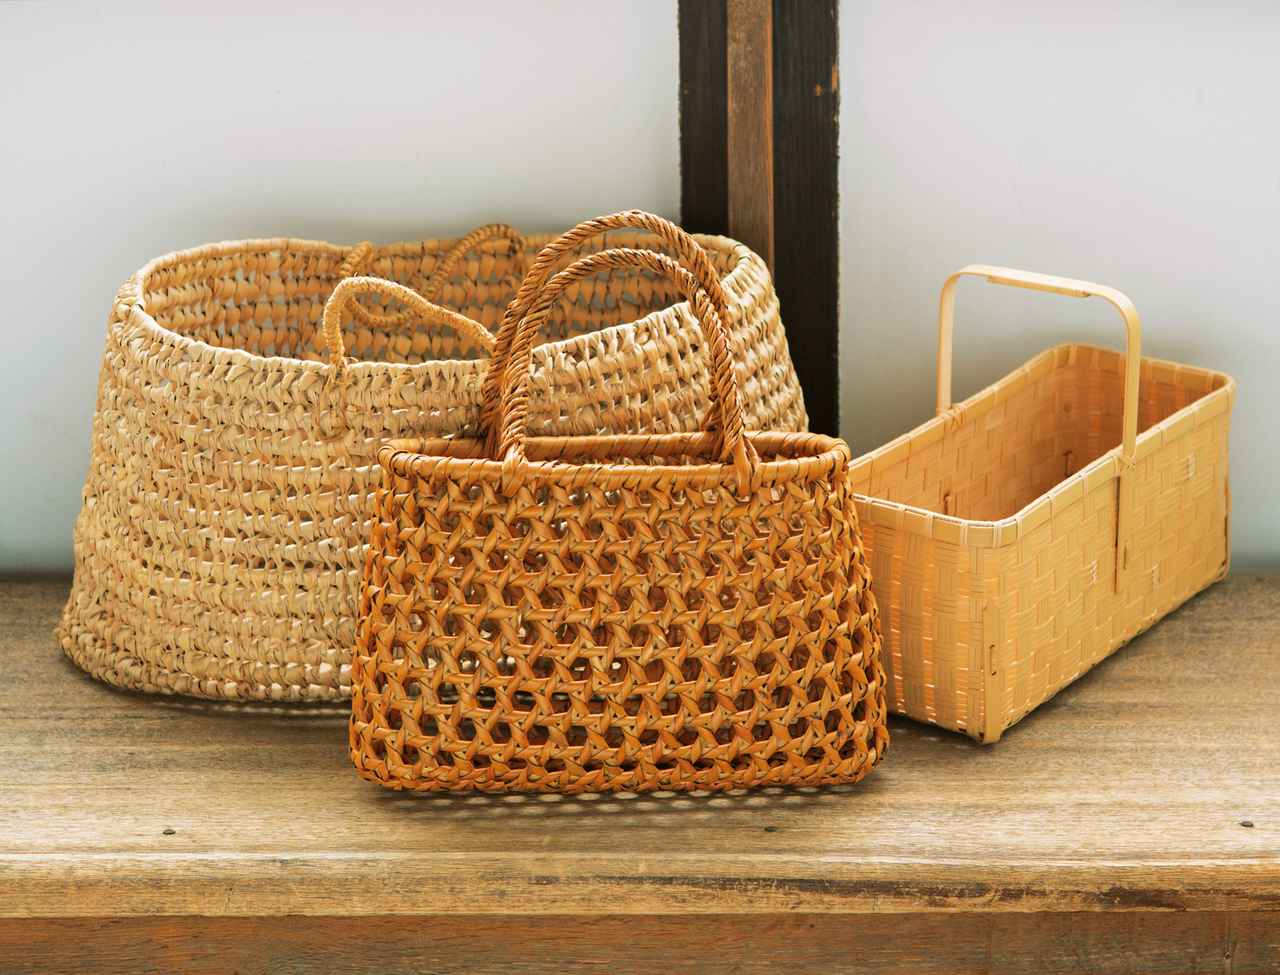 画像: 右から、長野在住の作家・吉田佳道さん作の竹素材の「遊山かご」、18年ほど前に購入した戸隠のかご、15年ほど前にモロッコ旅行で買ってきたマルシェかご。一度、気に入ったものは、長く大切に愛用しつづける